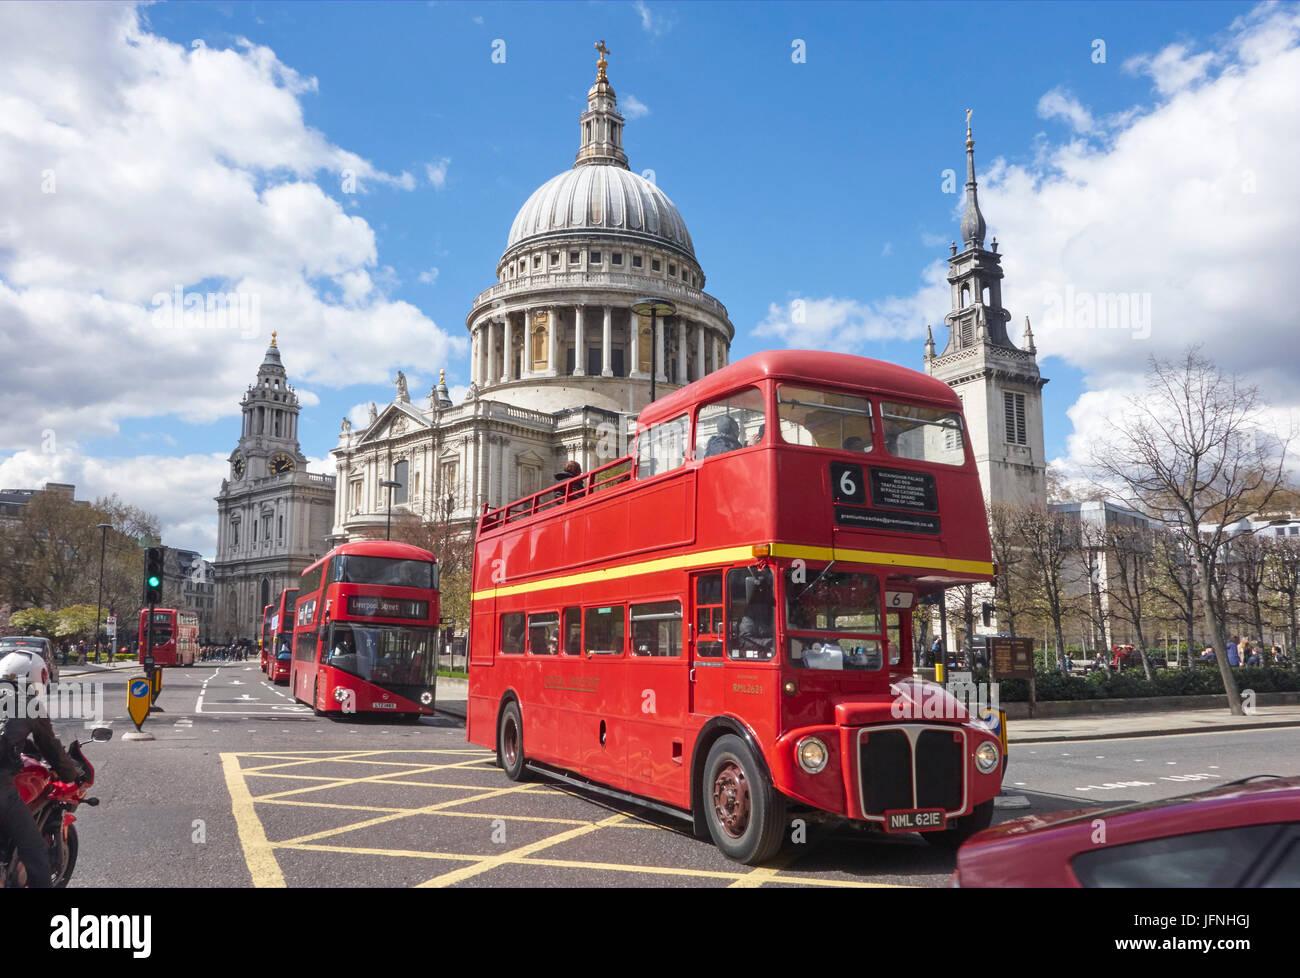 Autobuses rojos de Londres pasando por la Catedral de St Paul, de la ciudad de Londres, Inglaterra, Reino Unido, Imagen De Stock